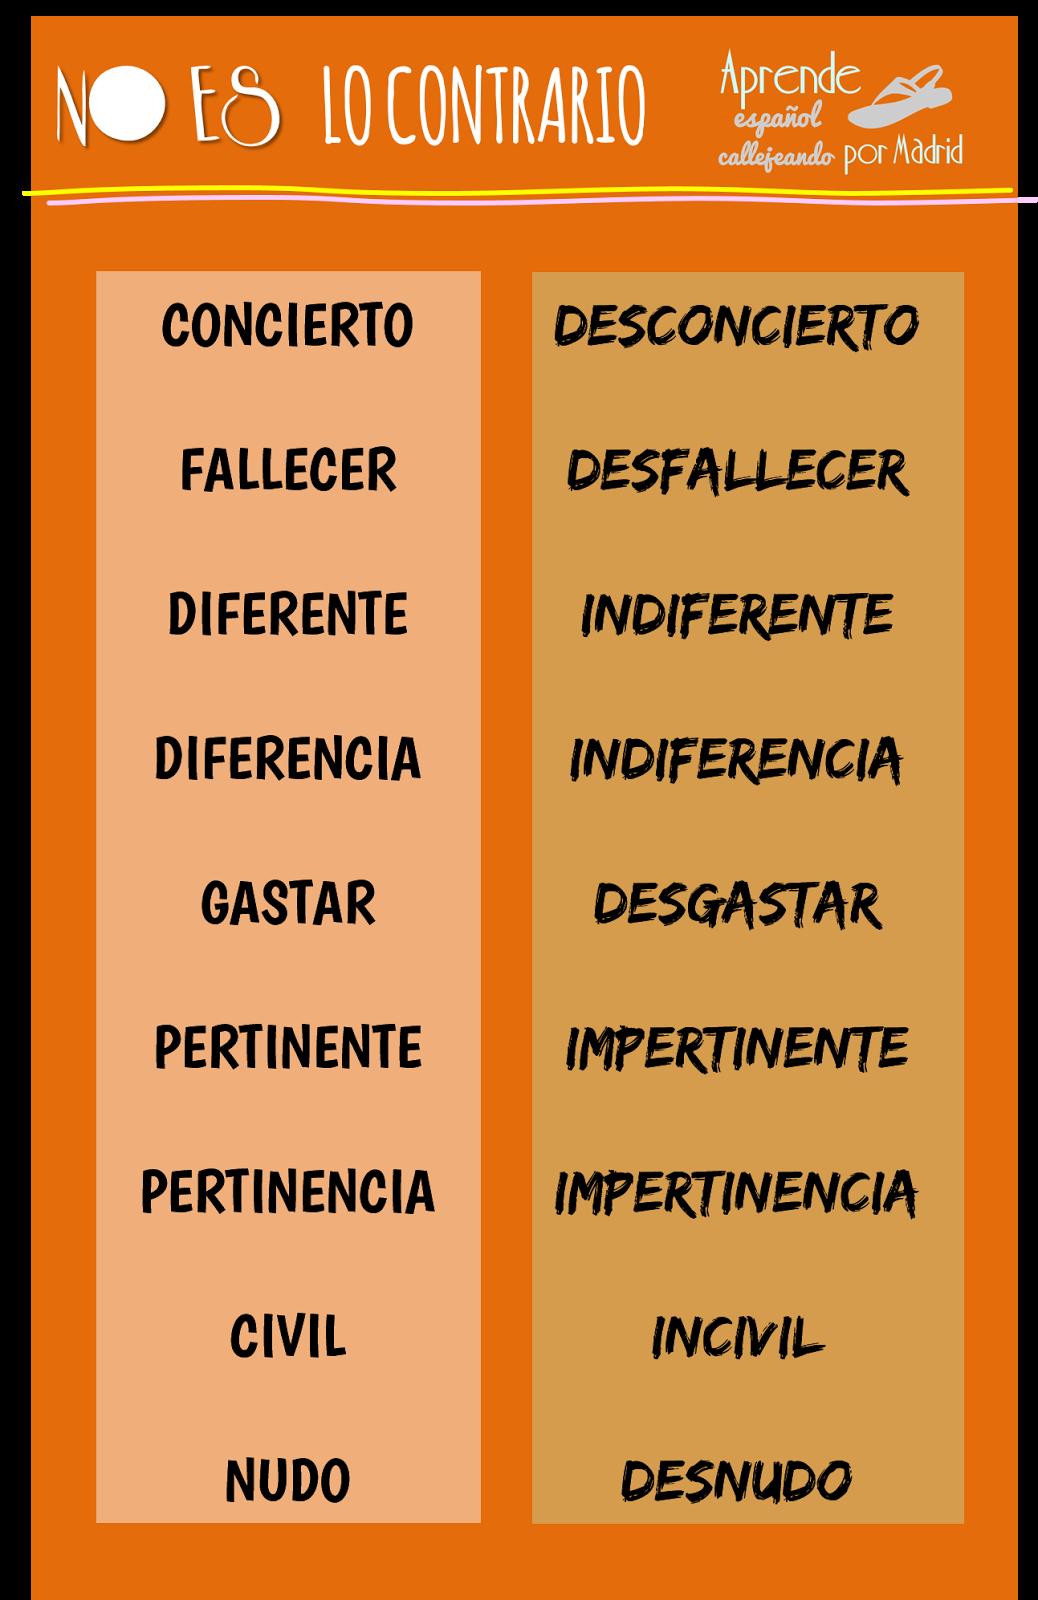 Aprende español callejeando por Madrid : enero 2013